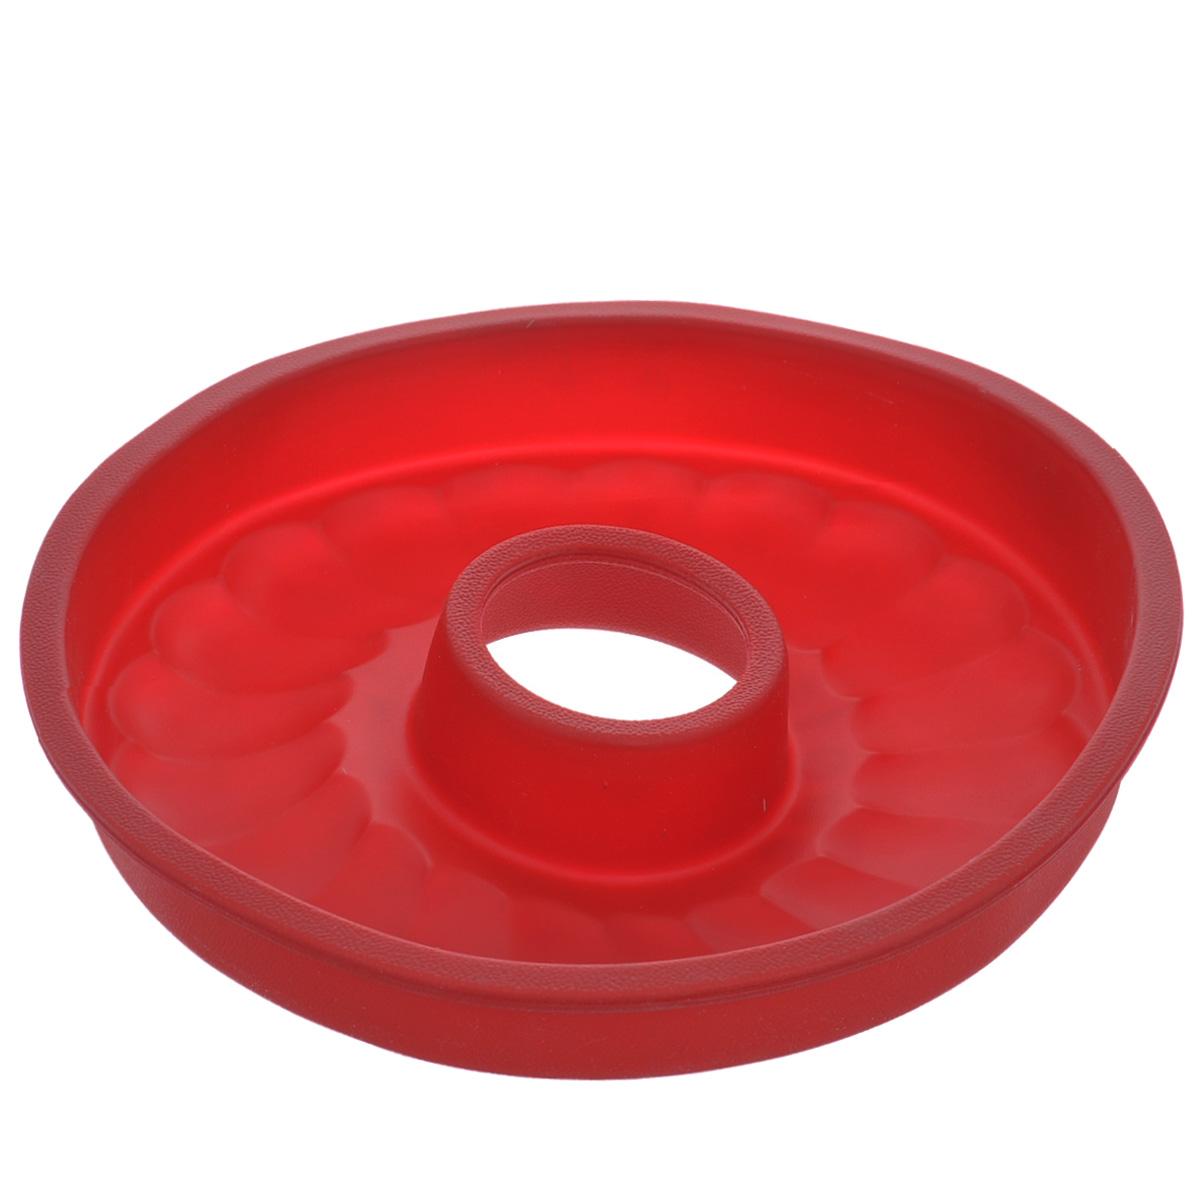 Форма для выпечки кекса Tescoma Delicia Silicone, круглая, цвет: красный, диаметр 26 см. 629228629228Круглая форма Tescoma Delicia Silicone будет отличным выбором для всех любителей выпечки. Благодаря тому, что форма изготовлена из силикона, готовую выпечку вынимать легко и просто. Дно формы оснащено рельефной поверхностью. Форма прекрасно подходит для выпечки кексов.С такой формой вы всегда сможете порадовать своих близких оригинальной выпечкой. Материал изделия устойчив к фруктовым кислотам, может быть использован в духовках, микроволновых печах, холодильниках и морозильных камерах (выдерживает температуру от -40°C до 230°C). Антипригарные свойства материала позволяют готовить без использования масла.Можно мыть и сушить в посудомоечной машине. При работе с формой используйте кухонный инструмент из силикона - кисти, лопатки, скребки. Не ставьте форму на электрическую конфорку. Не разрезайте выпечку прямо в форме.